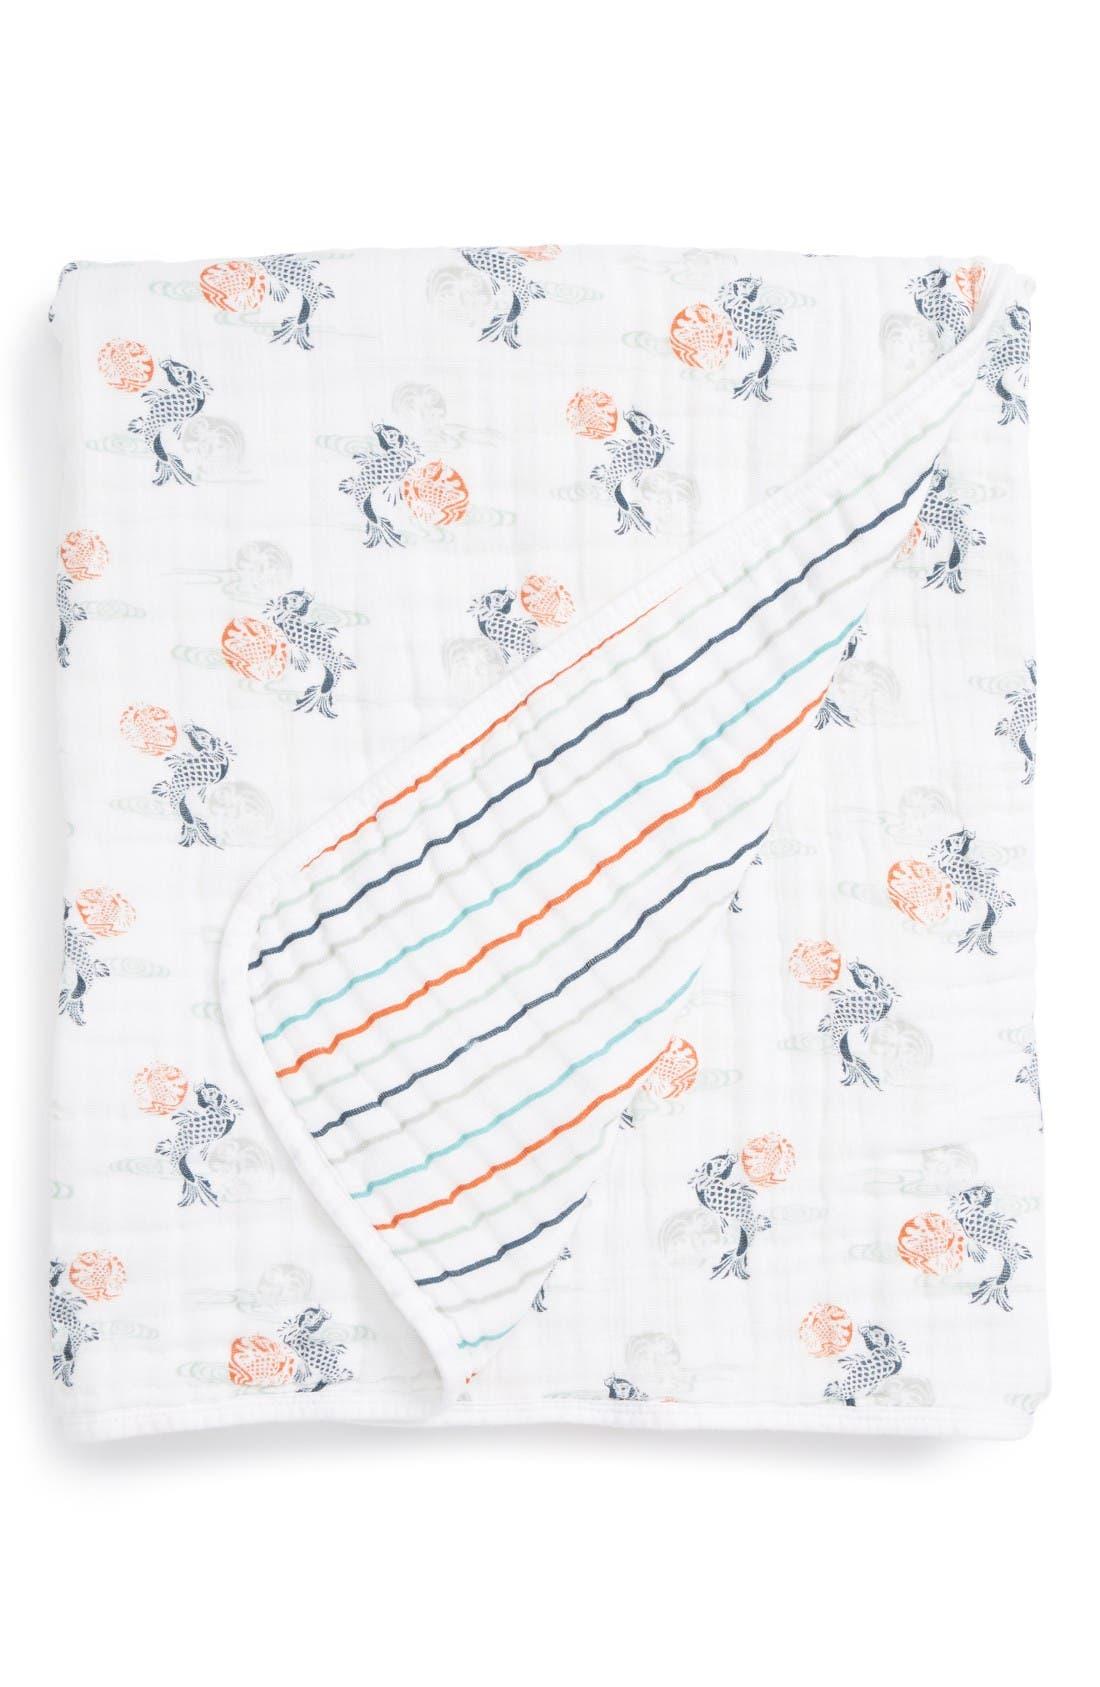 aden + anais x Tea Collection Dream Blanket™